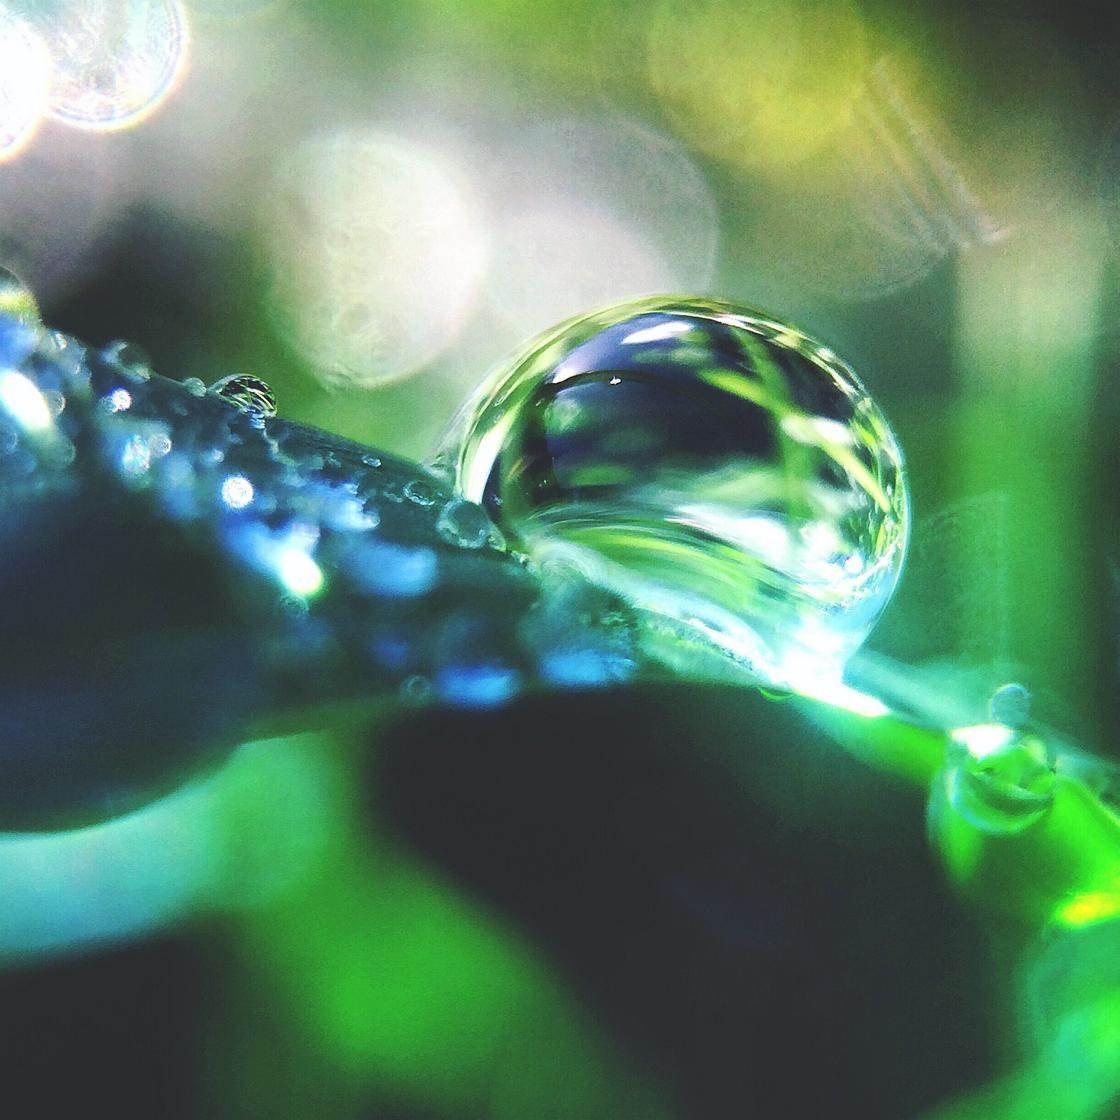 green_iphone_photos-12 no script